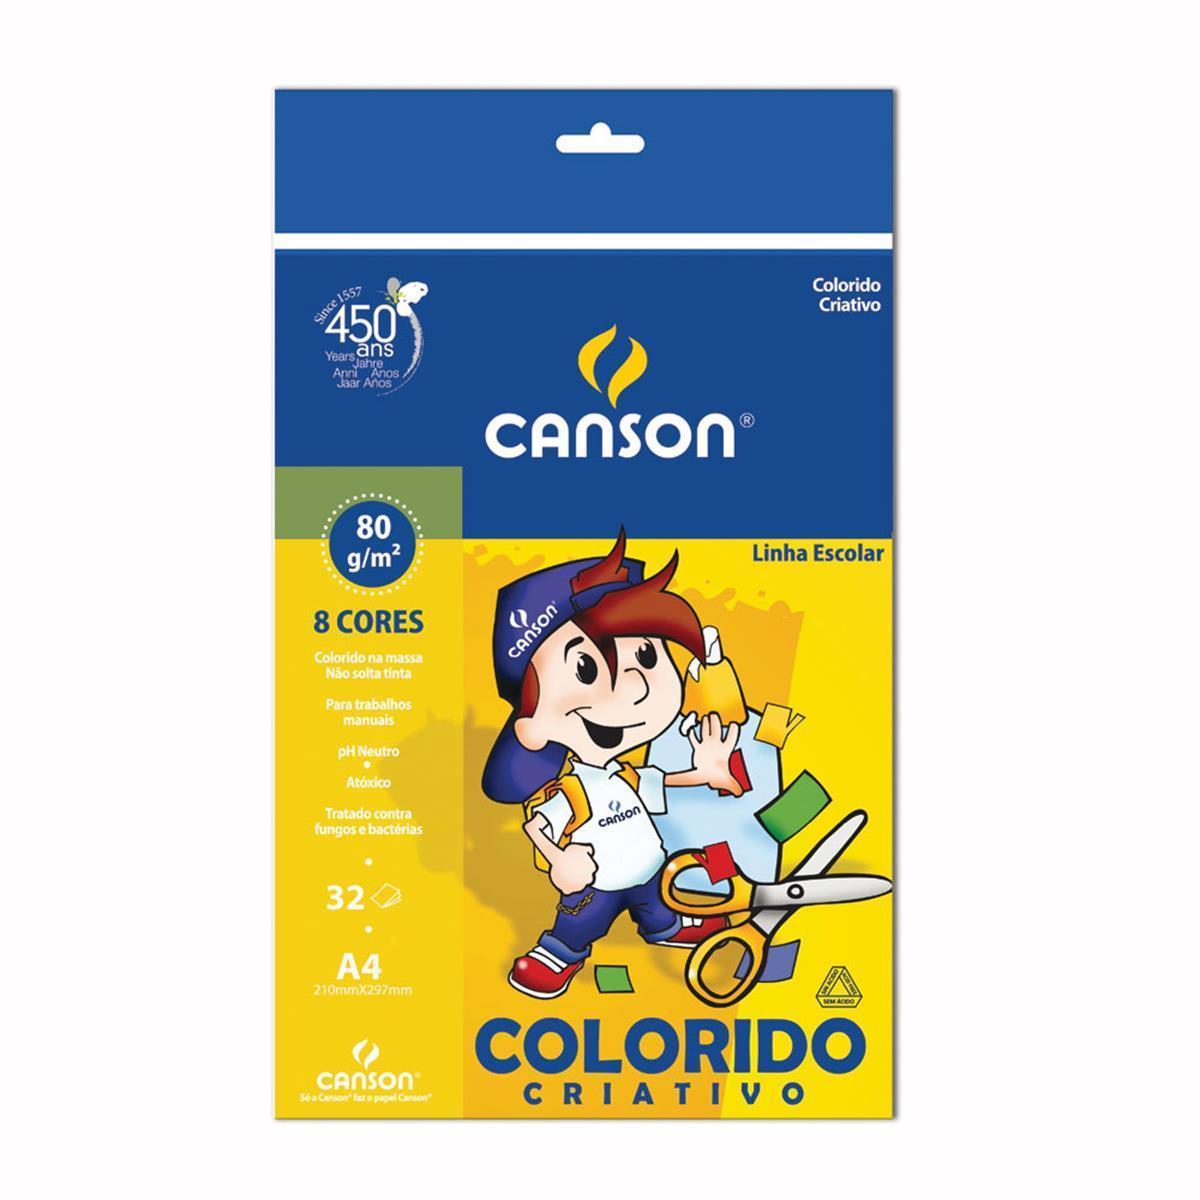 BLOCO COLORIDO CRIATIVO A4 8 CORES 32 FL 1 UN CANSON